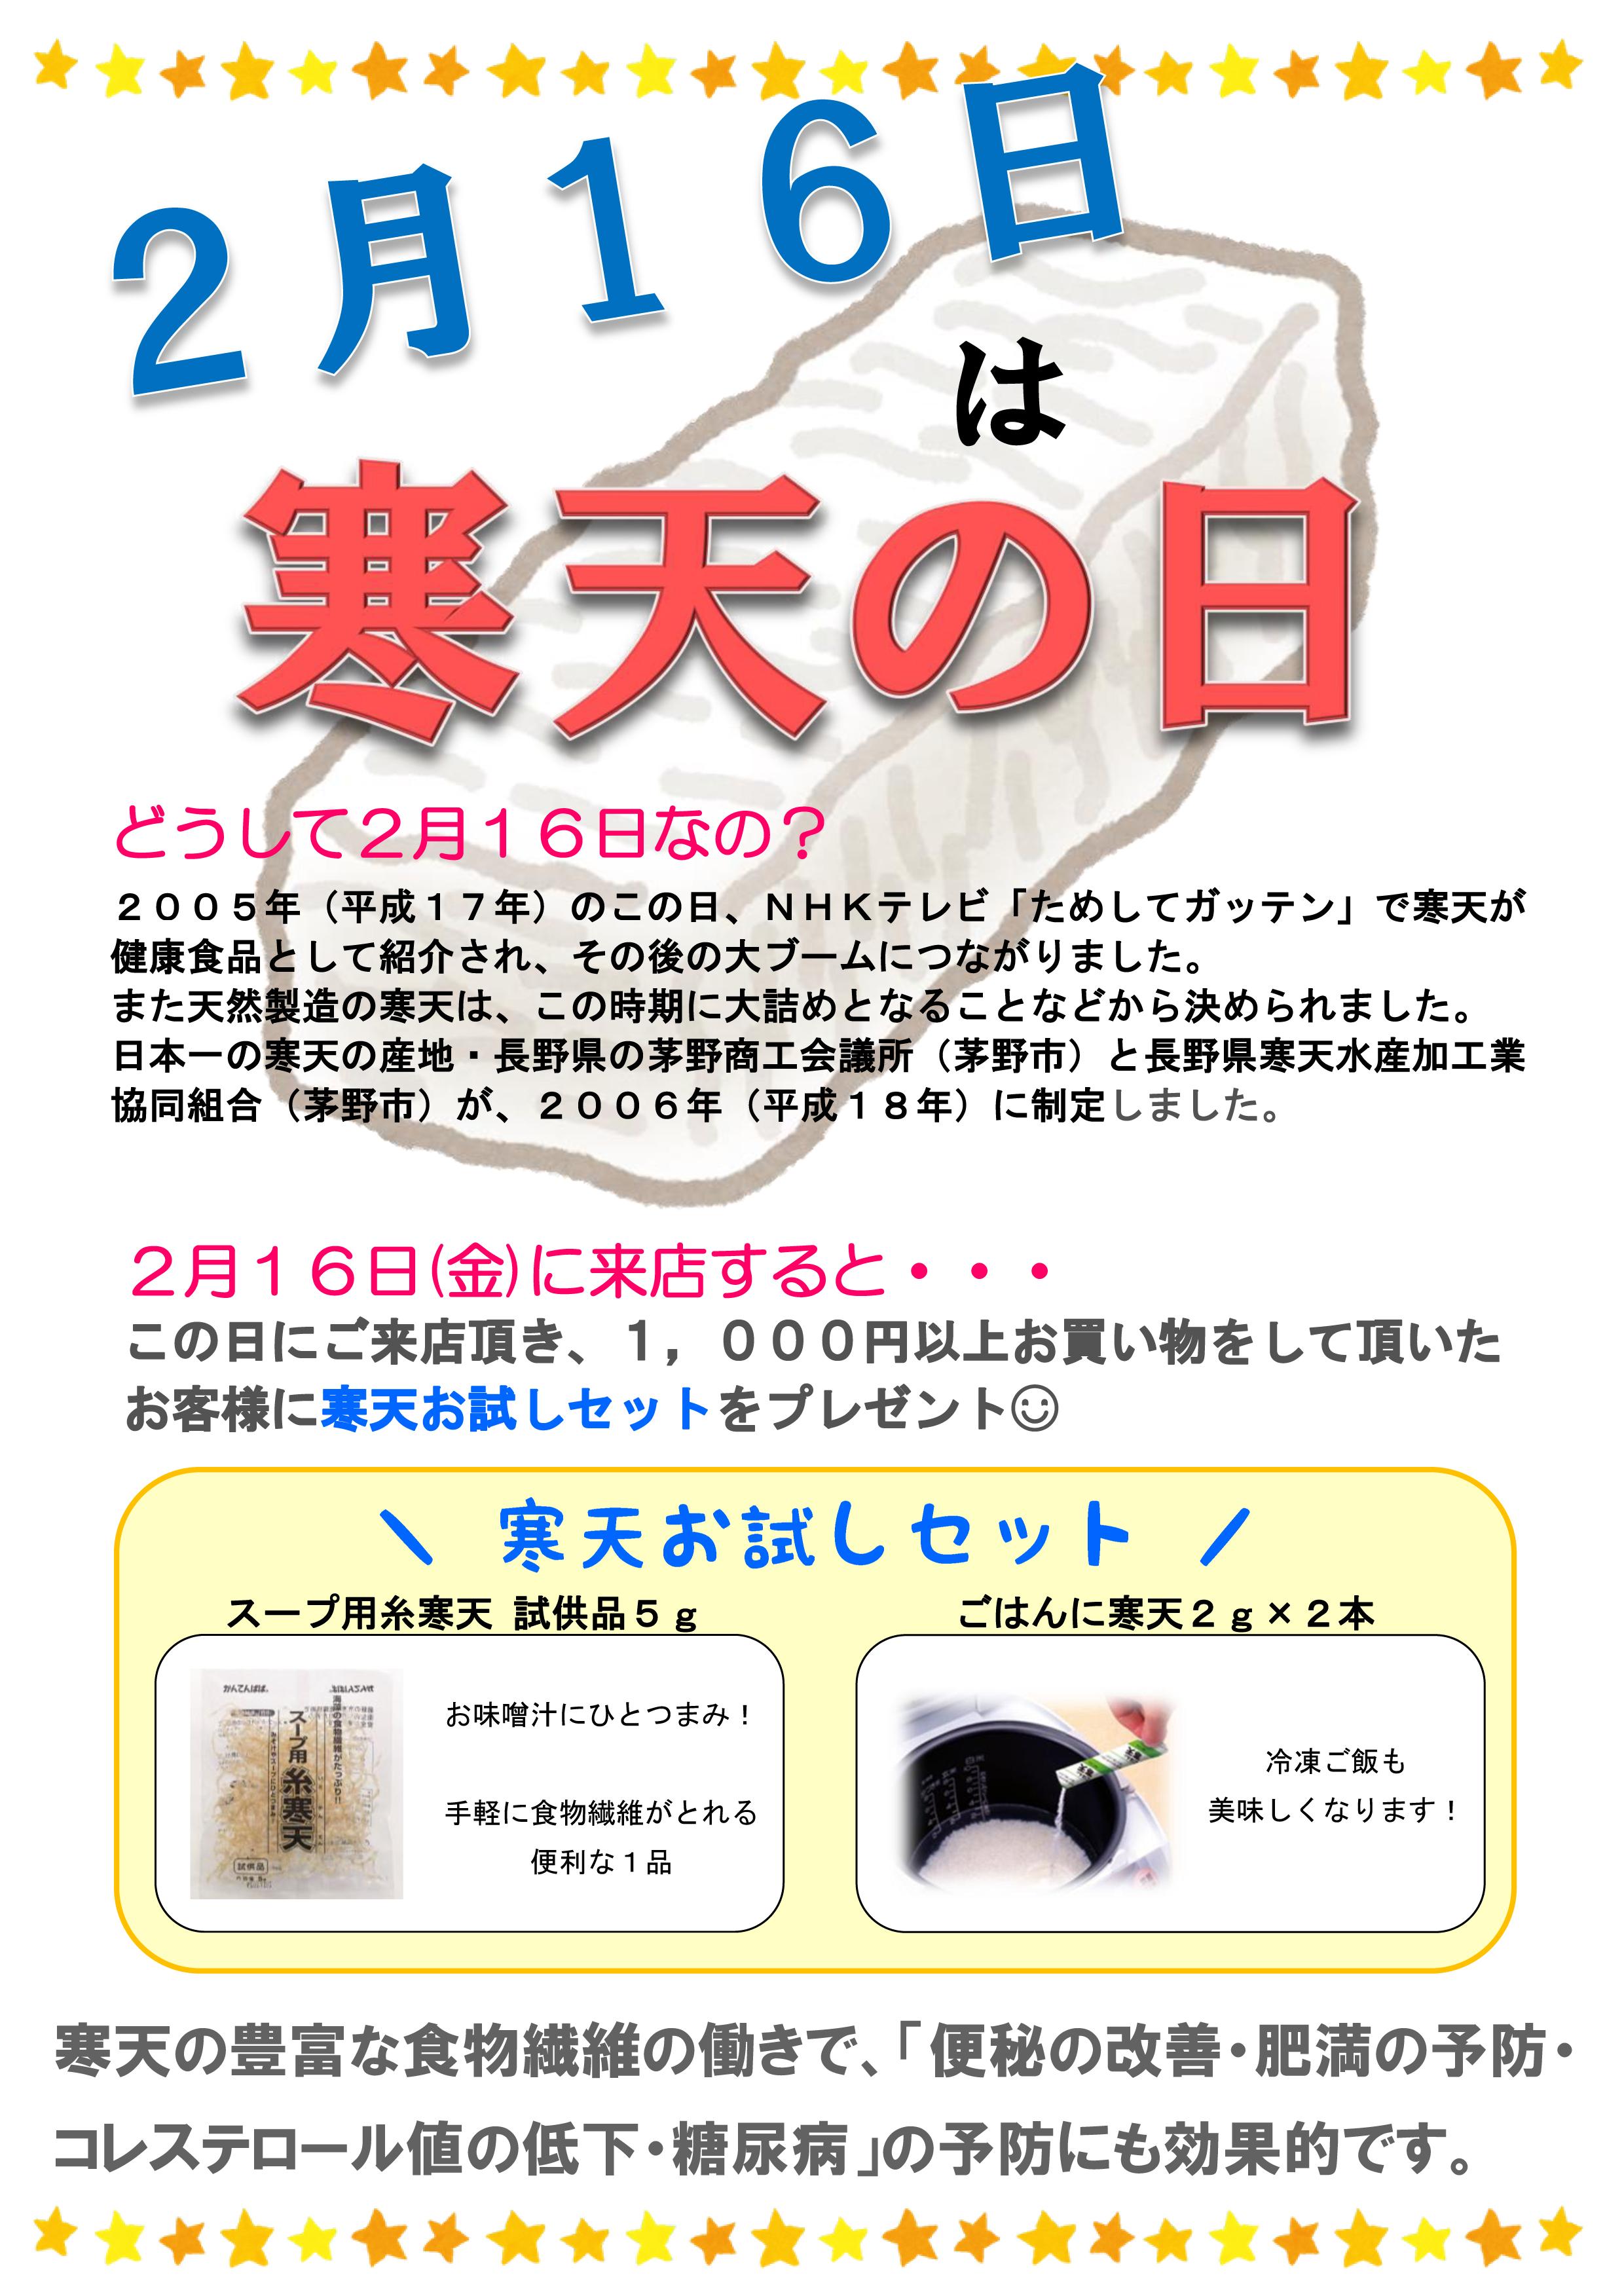 イベント|2月16日は寒天の日|岡山の子育てママ集まれ!山陽新聞 ...